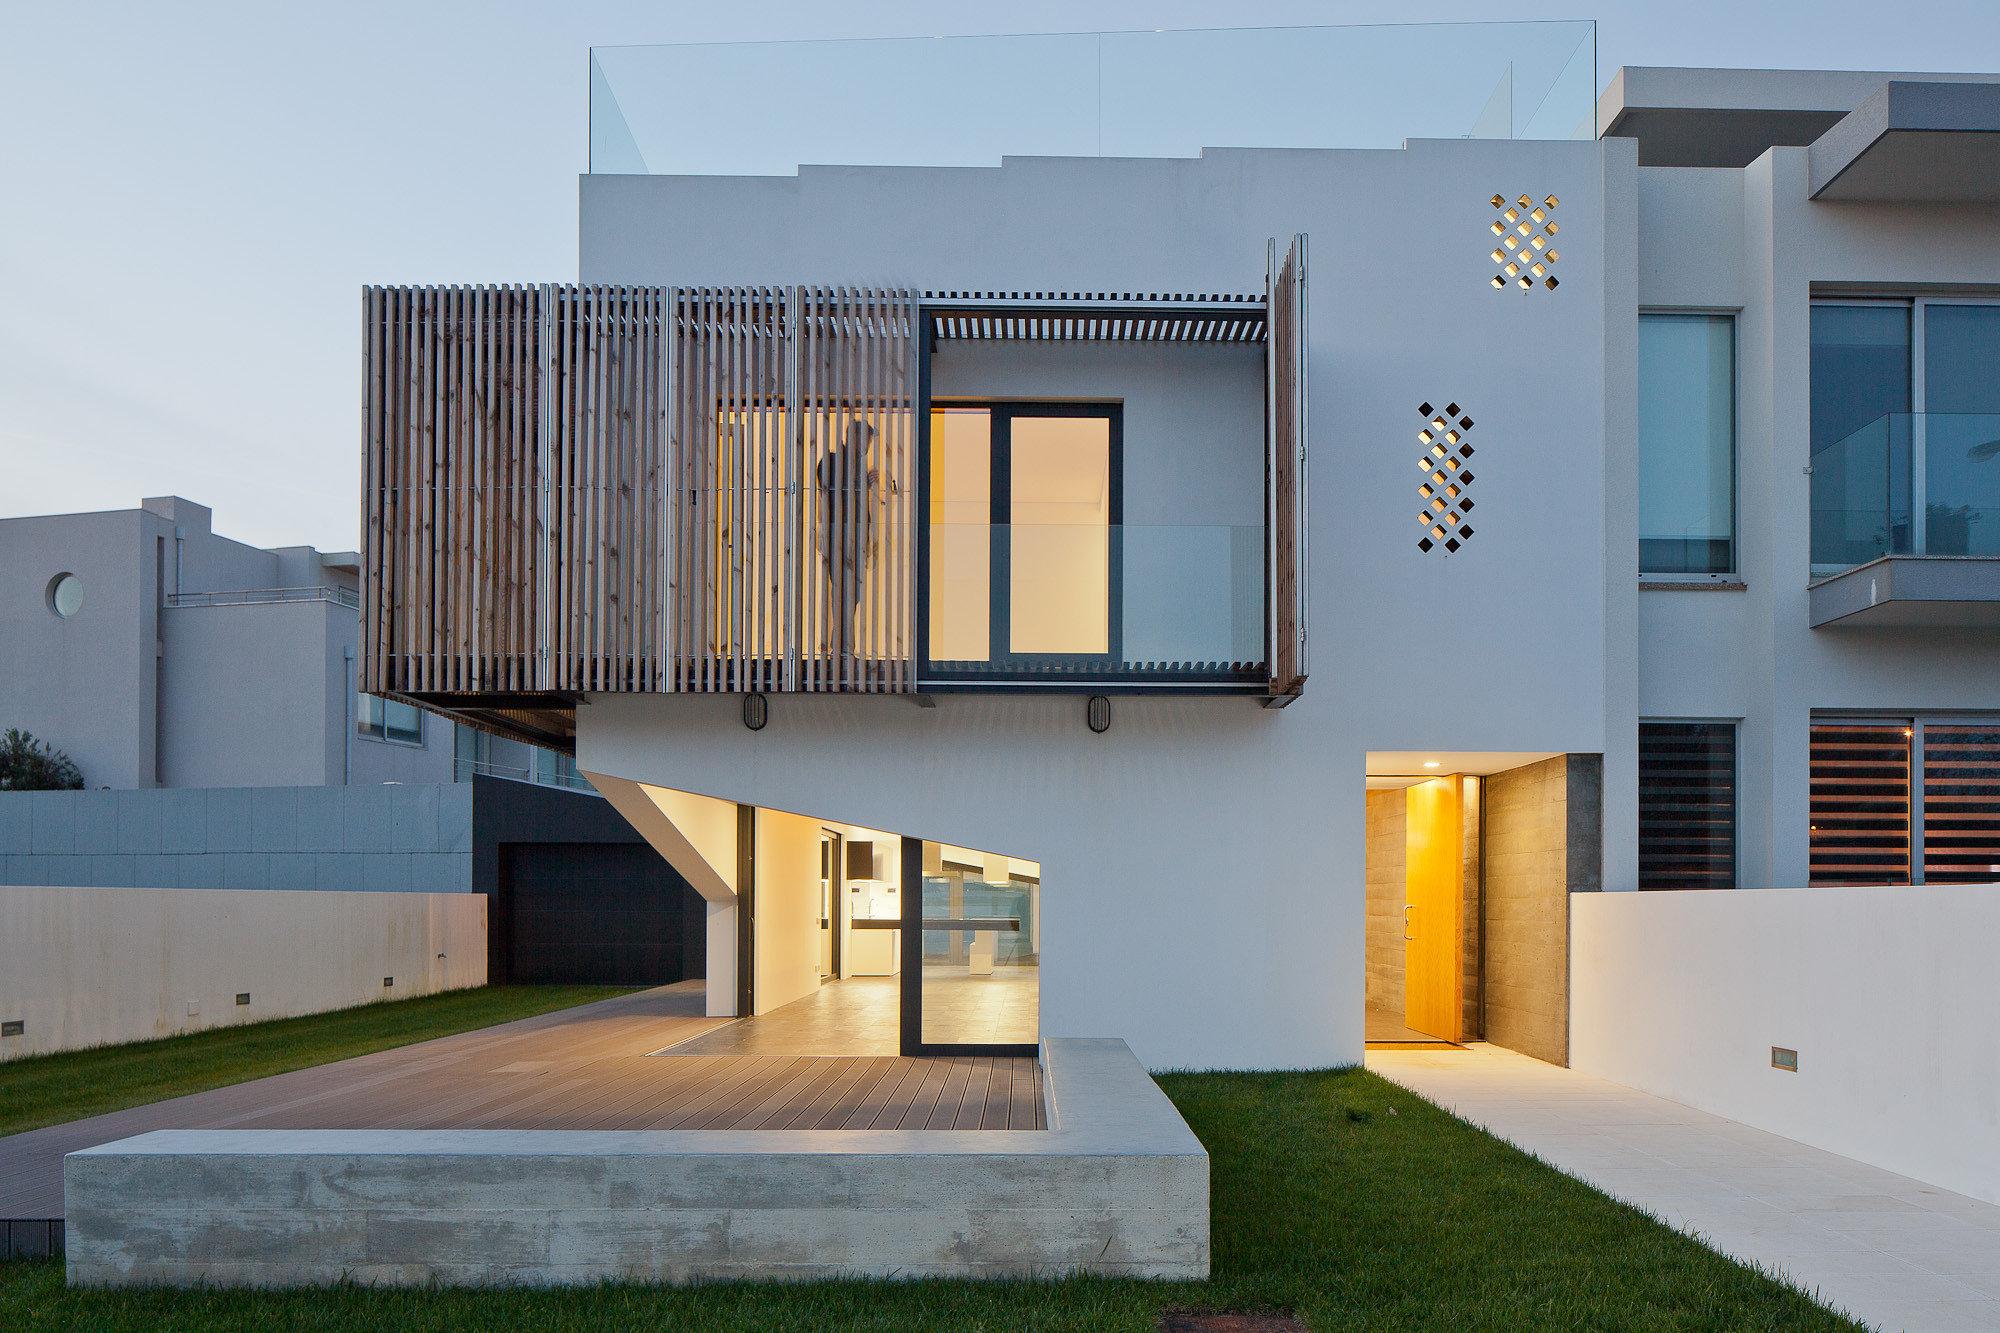 Vivienda en miramar e 348 arquitectura plataforma for Parasoles arquitectura